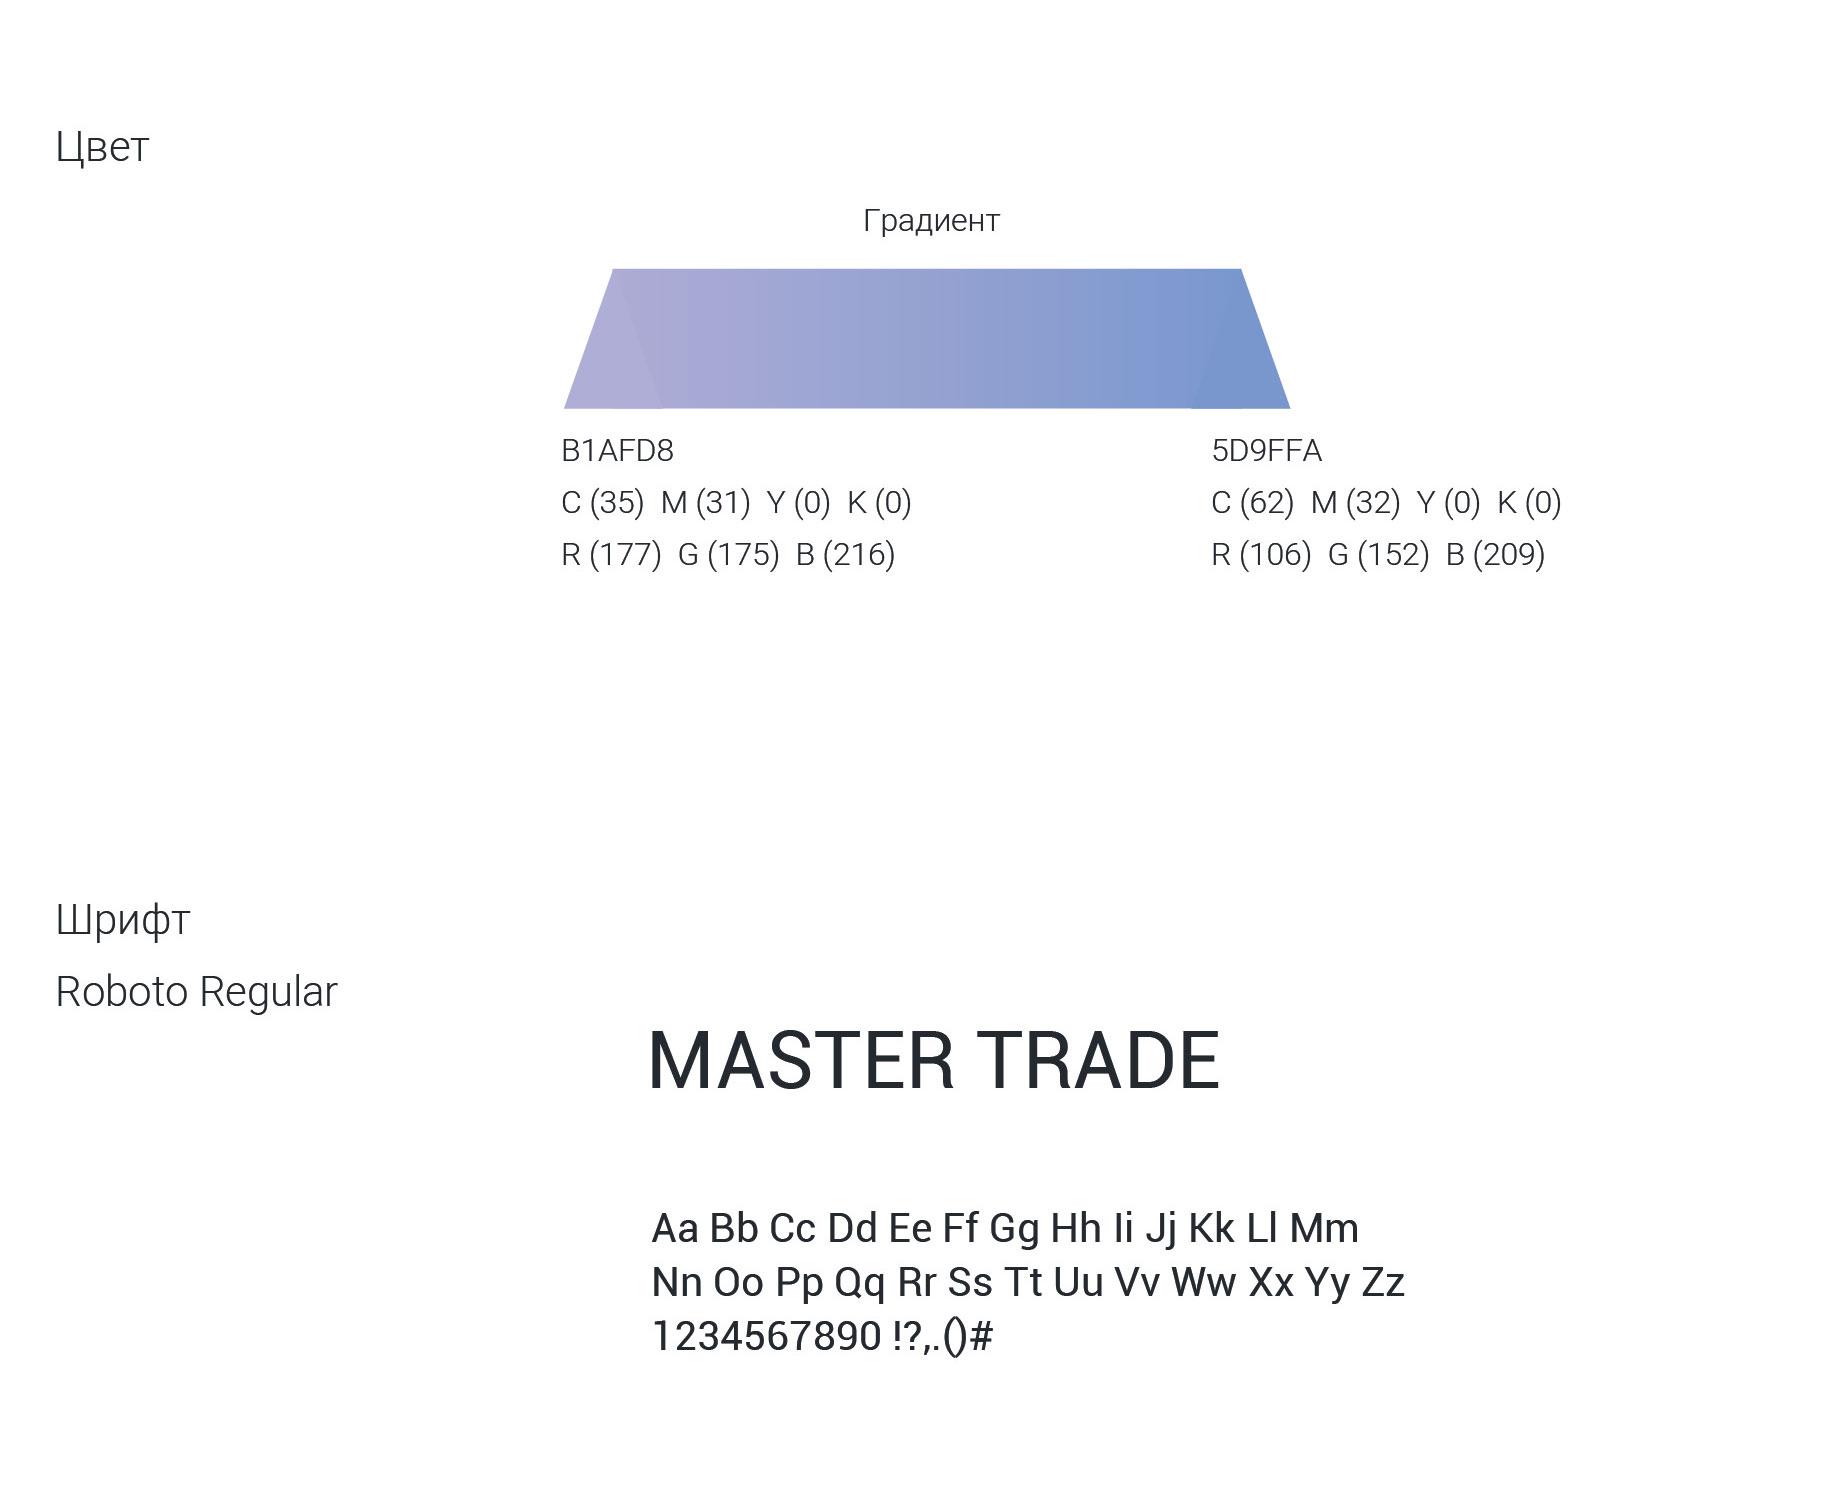 Логотип для платформы Master Trade